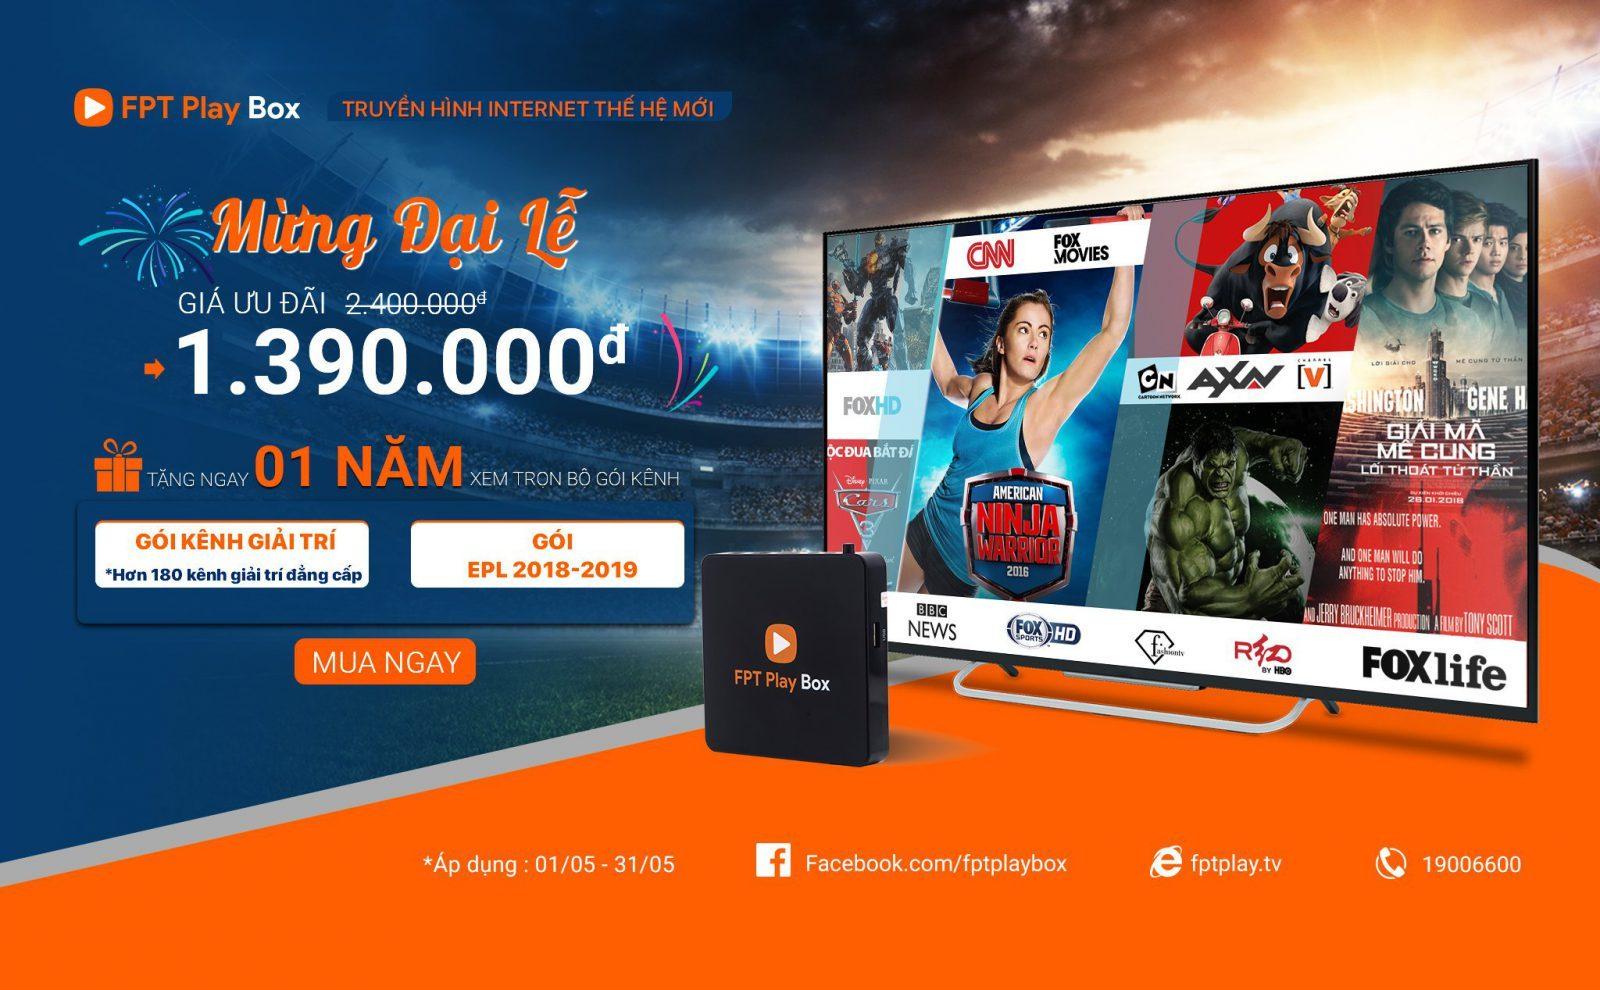 Truyền hình Internet giá rẻ FPT Play BOX